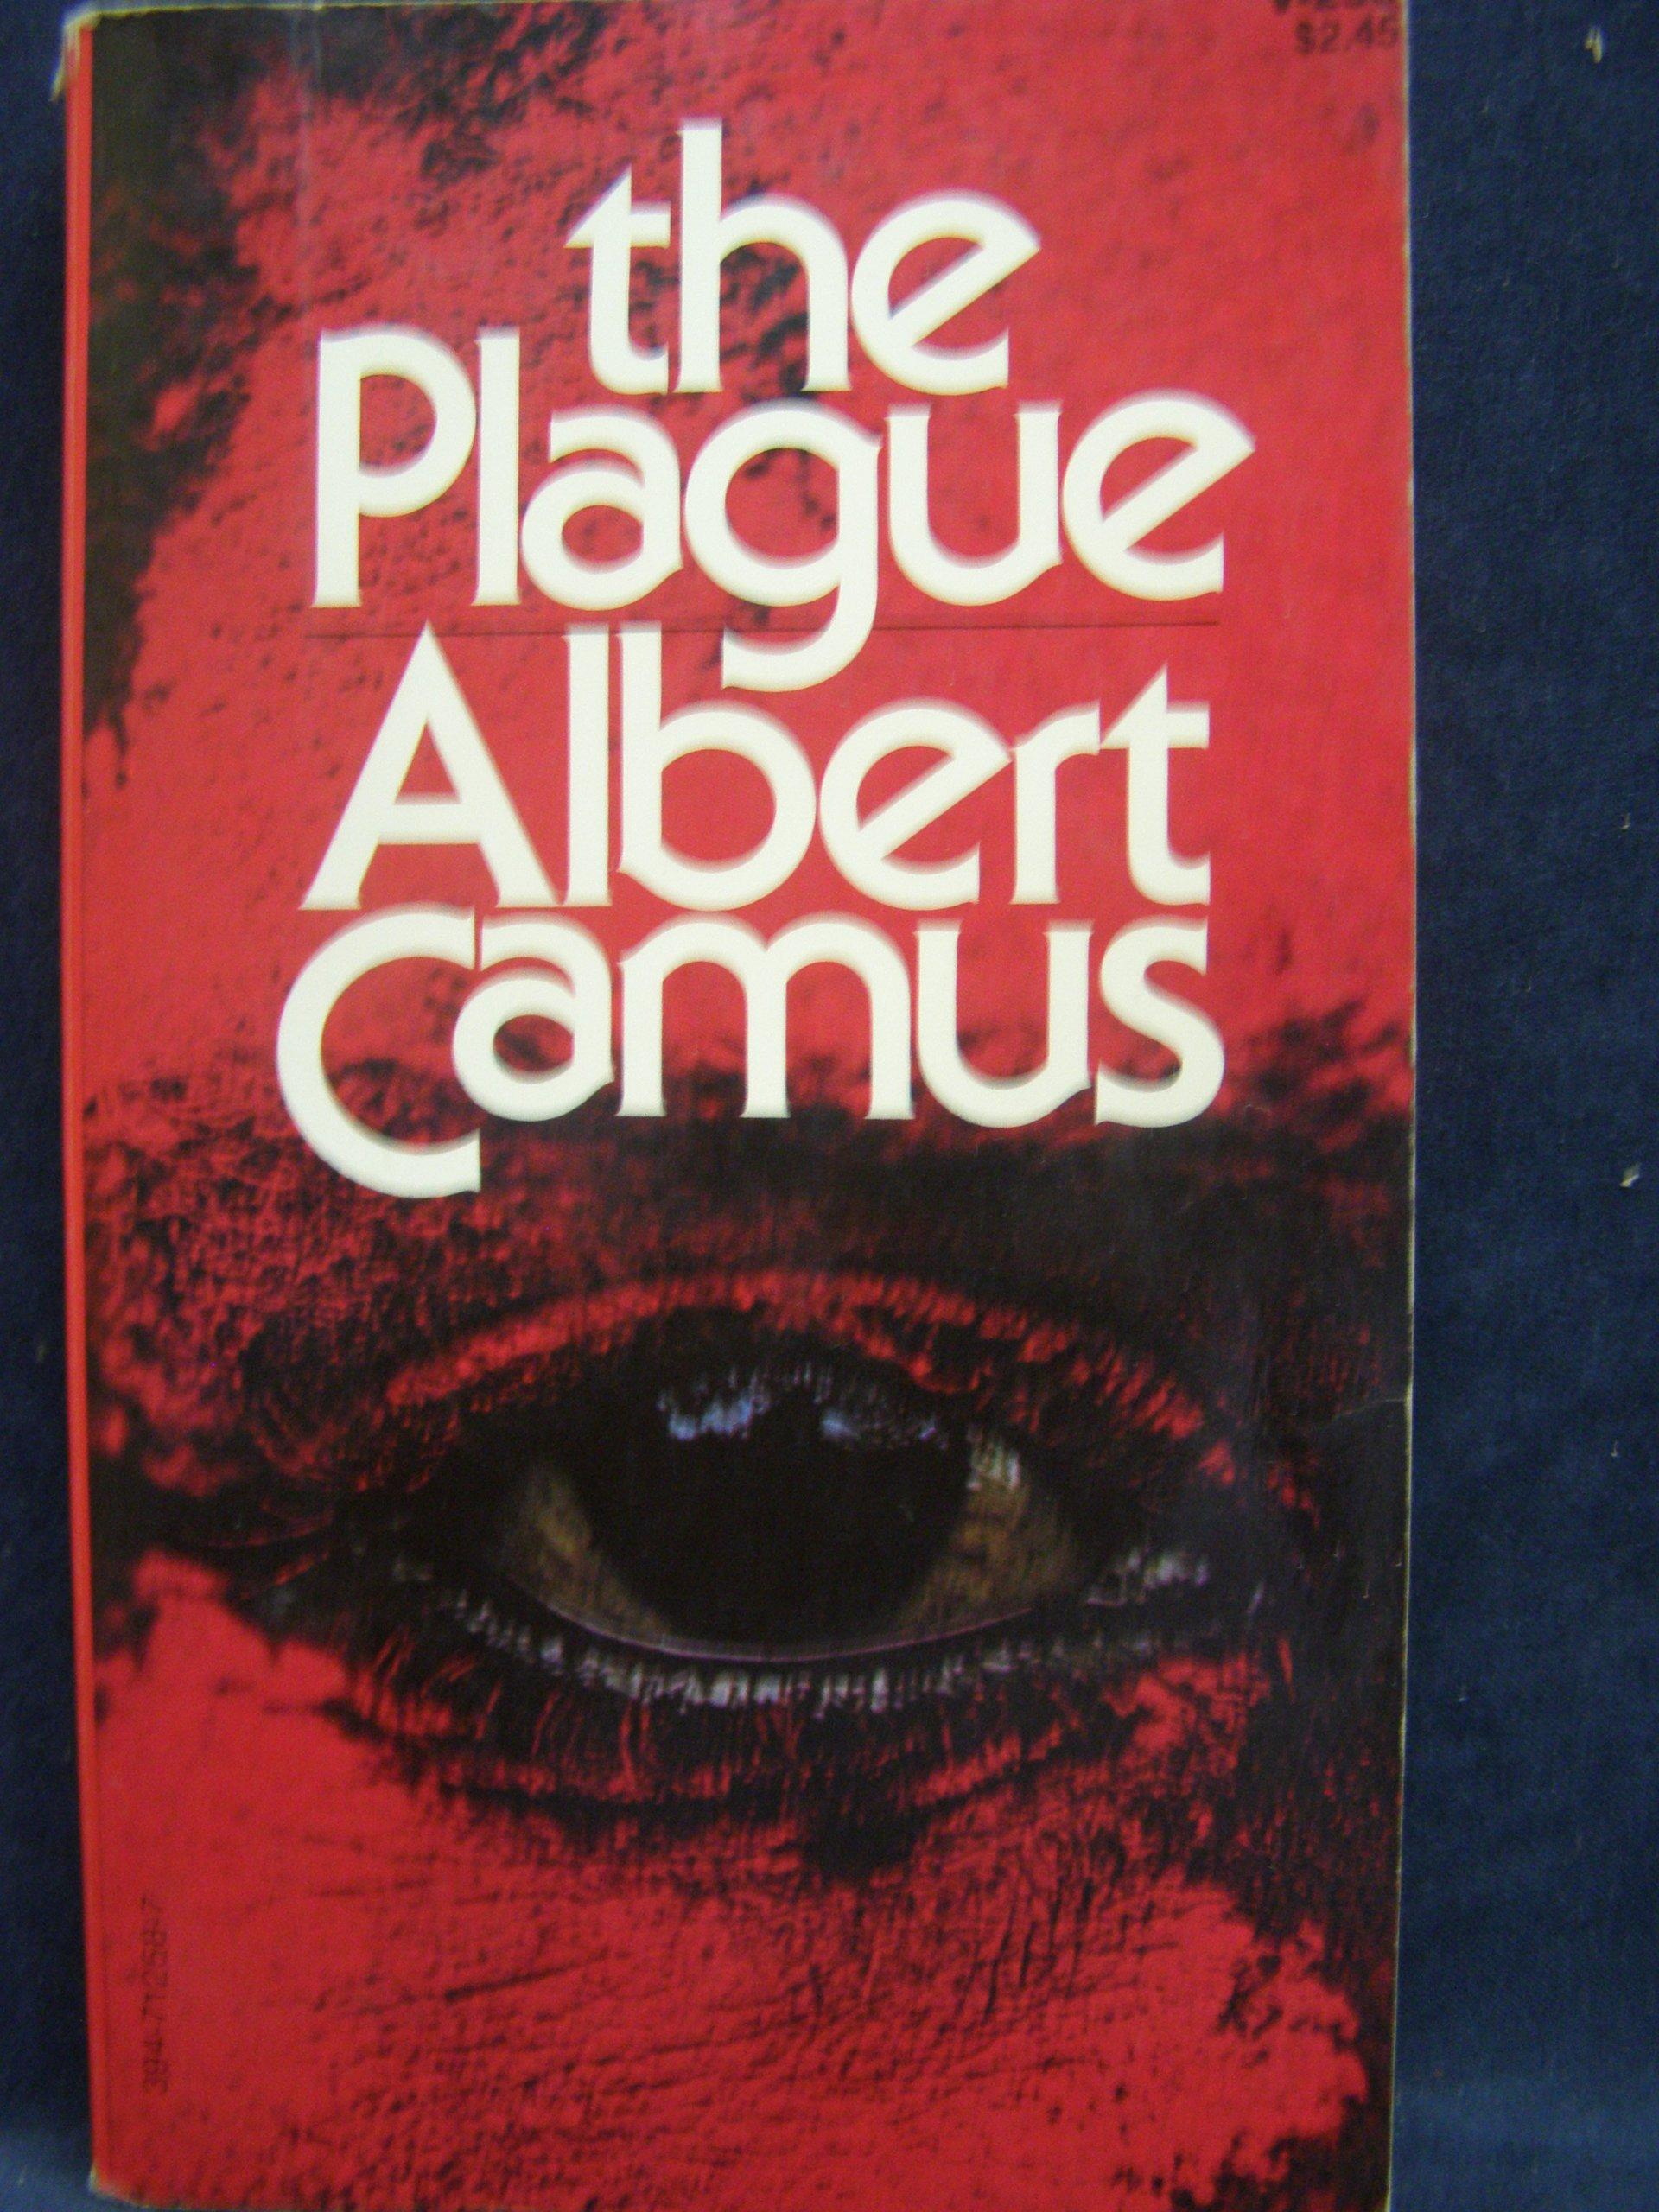 why did albert camus write the plague